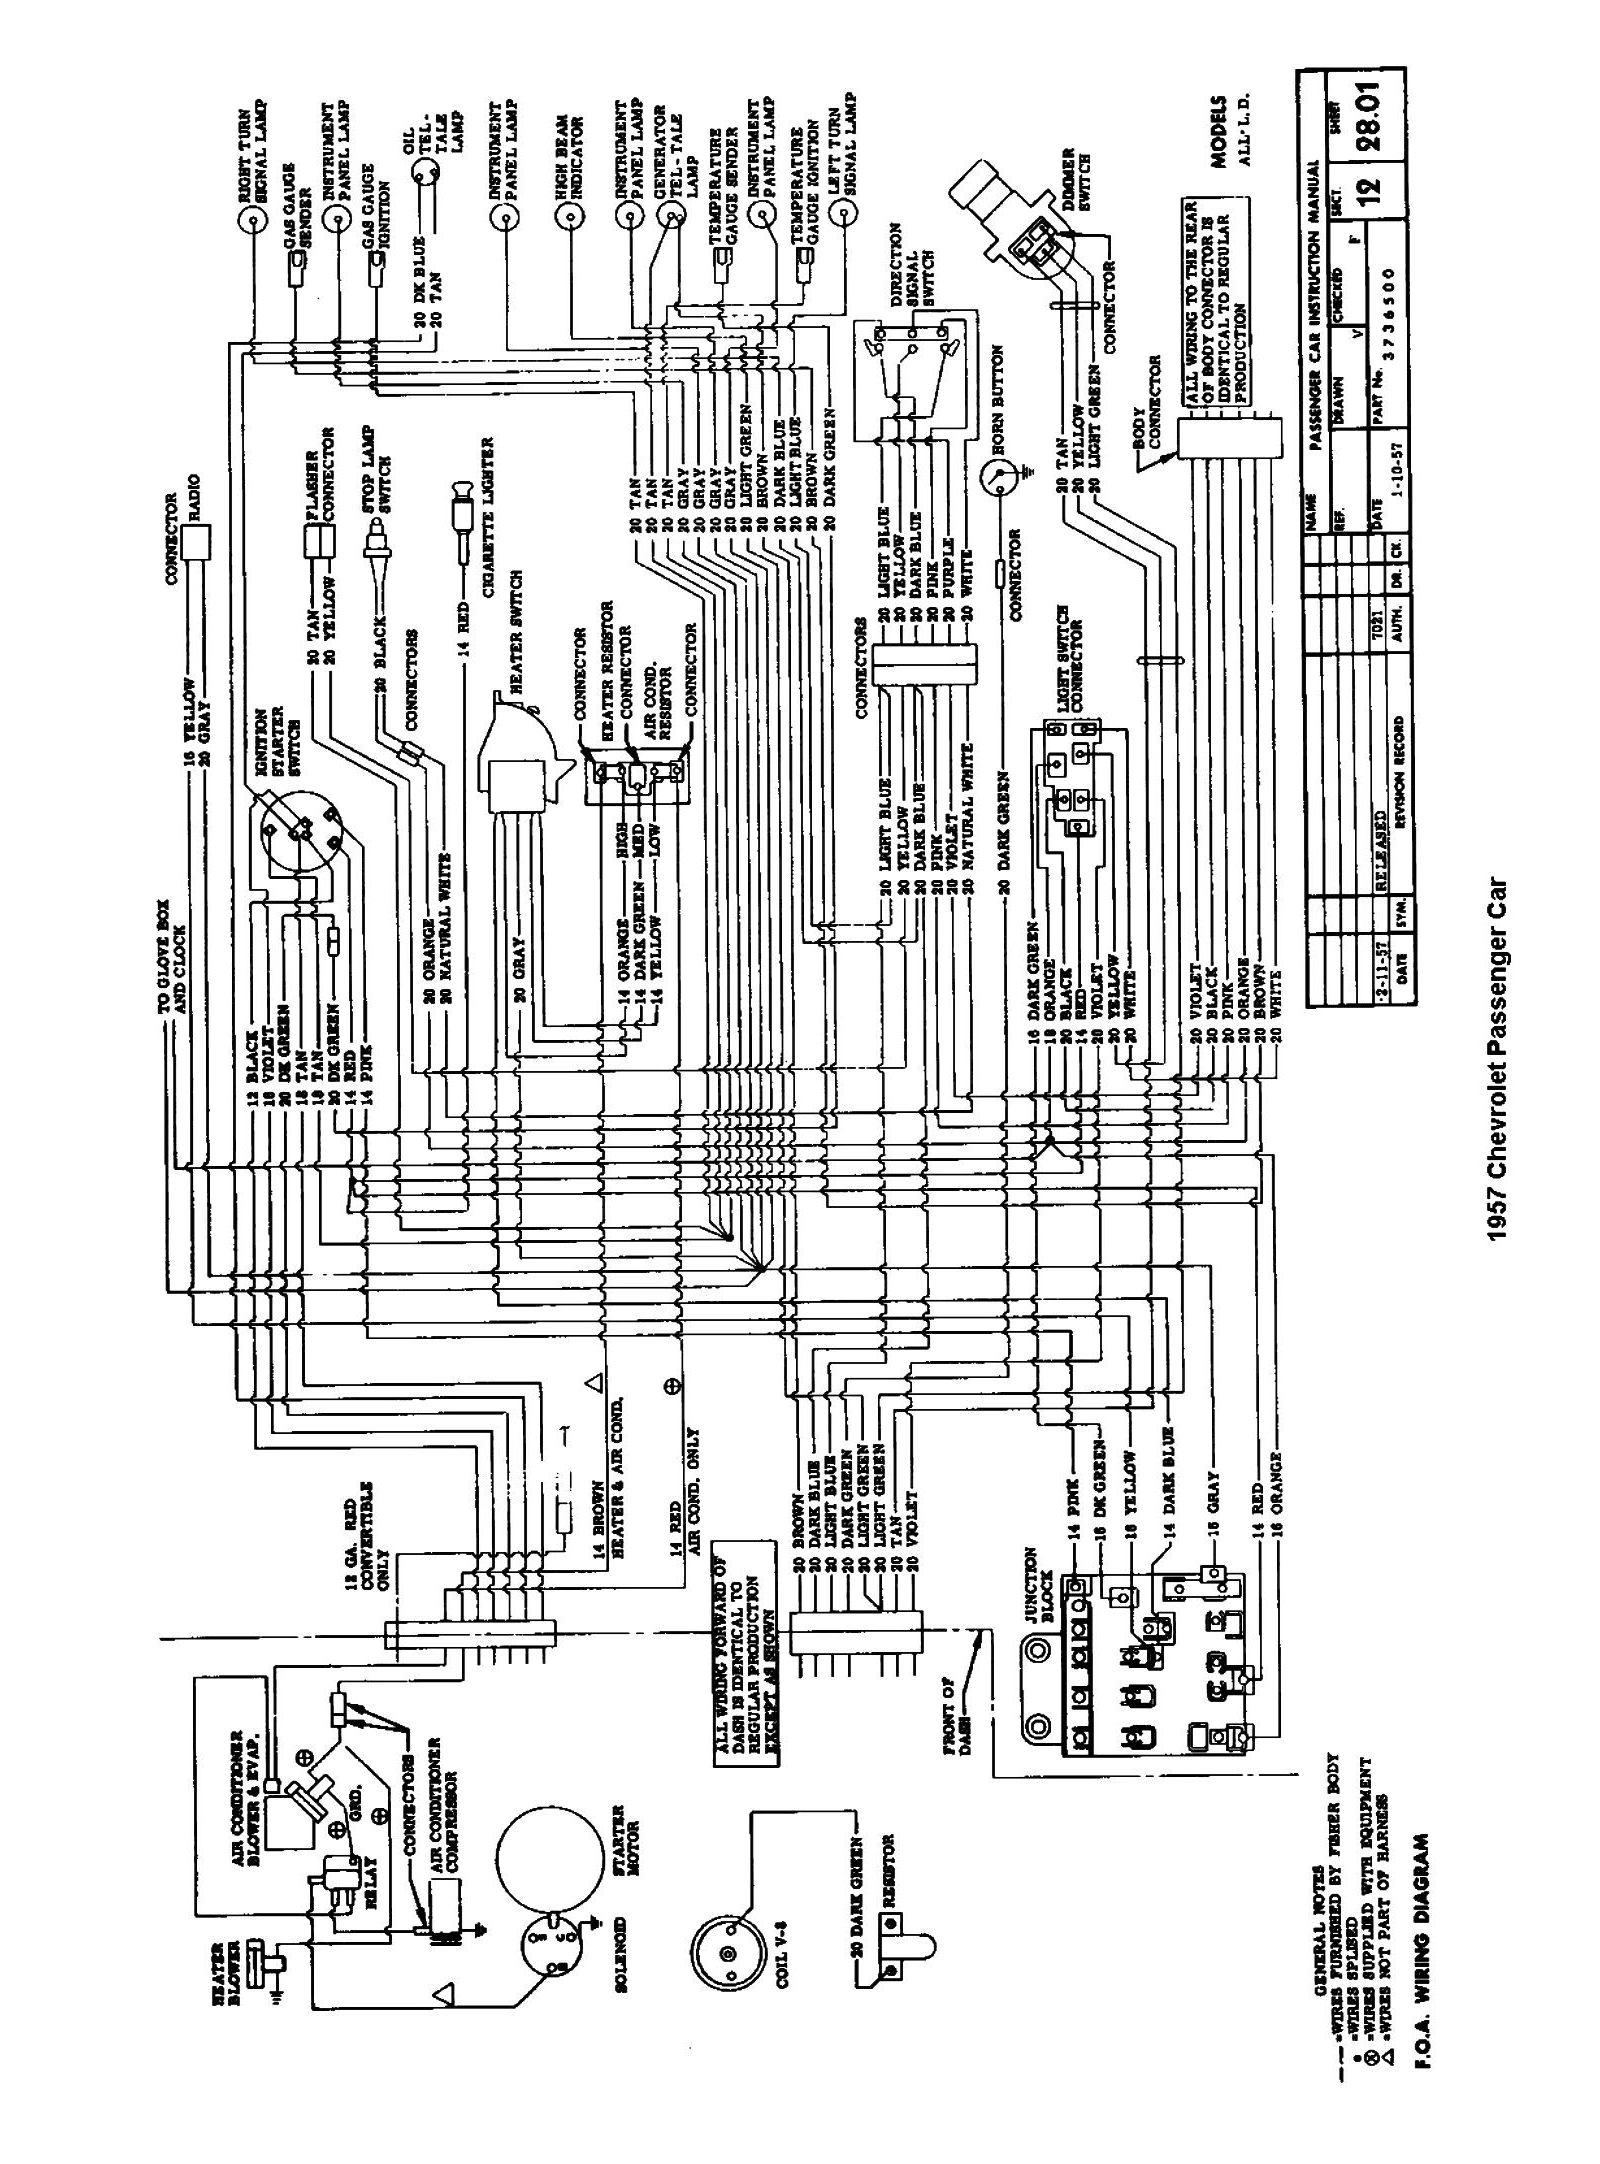 free chevy truck dash wiring diagram 57 chevy 210 heater wiring langsat 19 espressotage de  57 chevy 210 heater wiring langsat 19